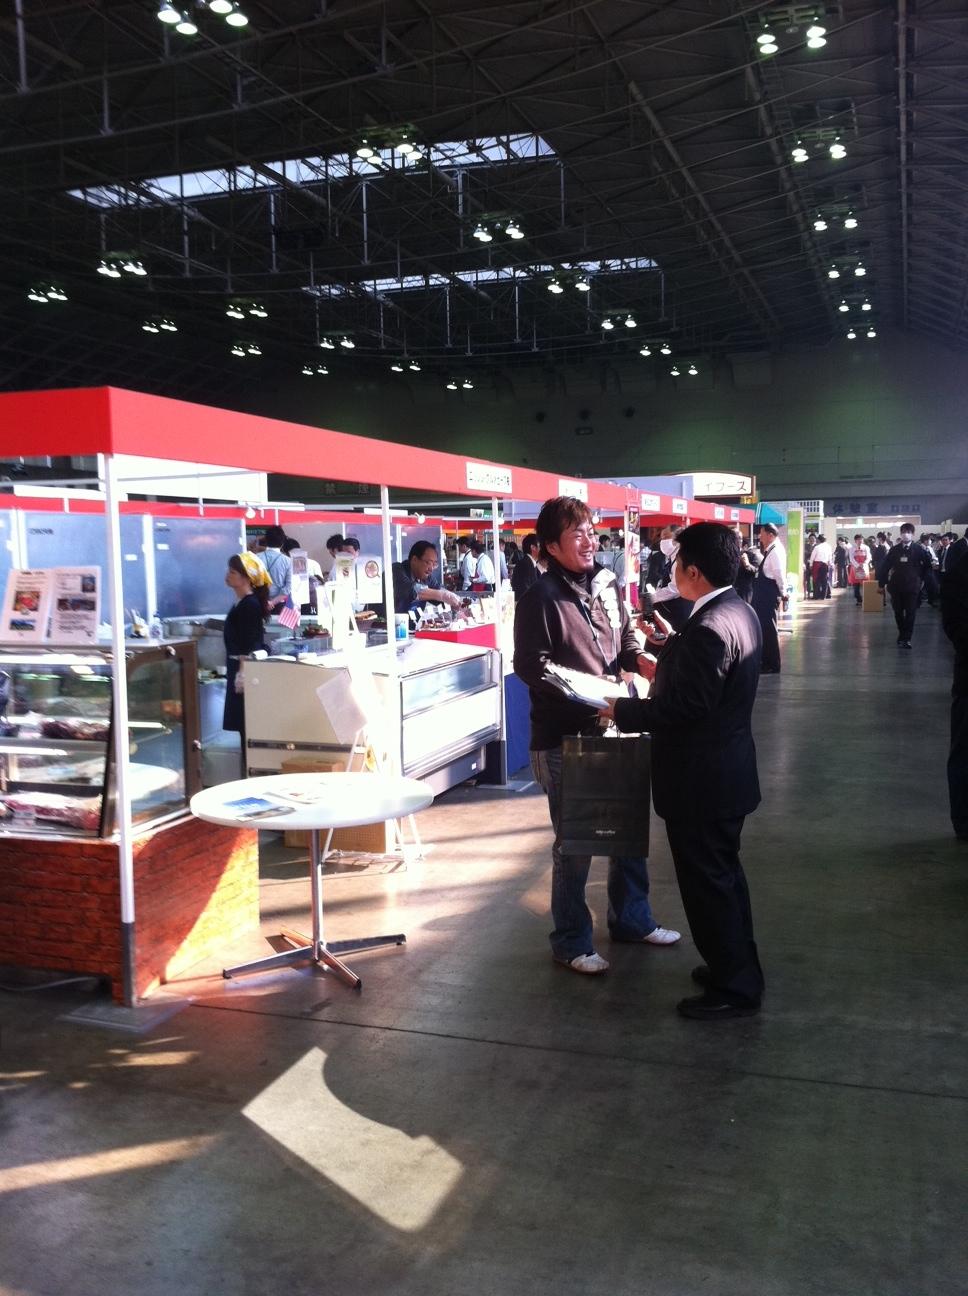 食品展示会に行ってきました。_d0225603_16192518.jpg